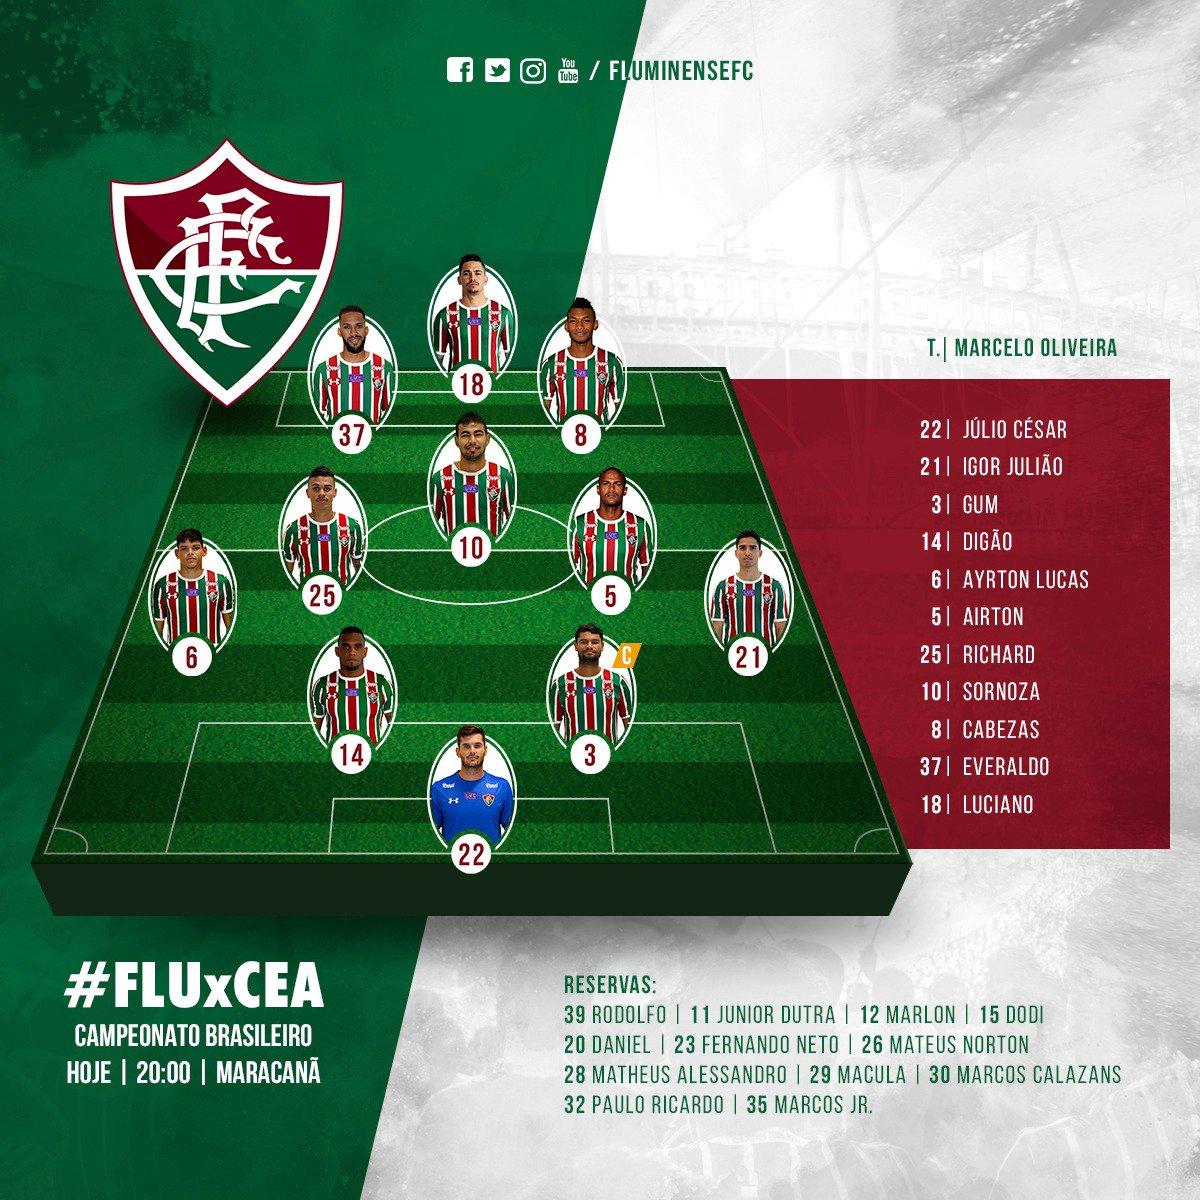 Fluminense F.C.'s photo on #fluxcea